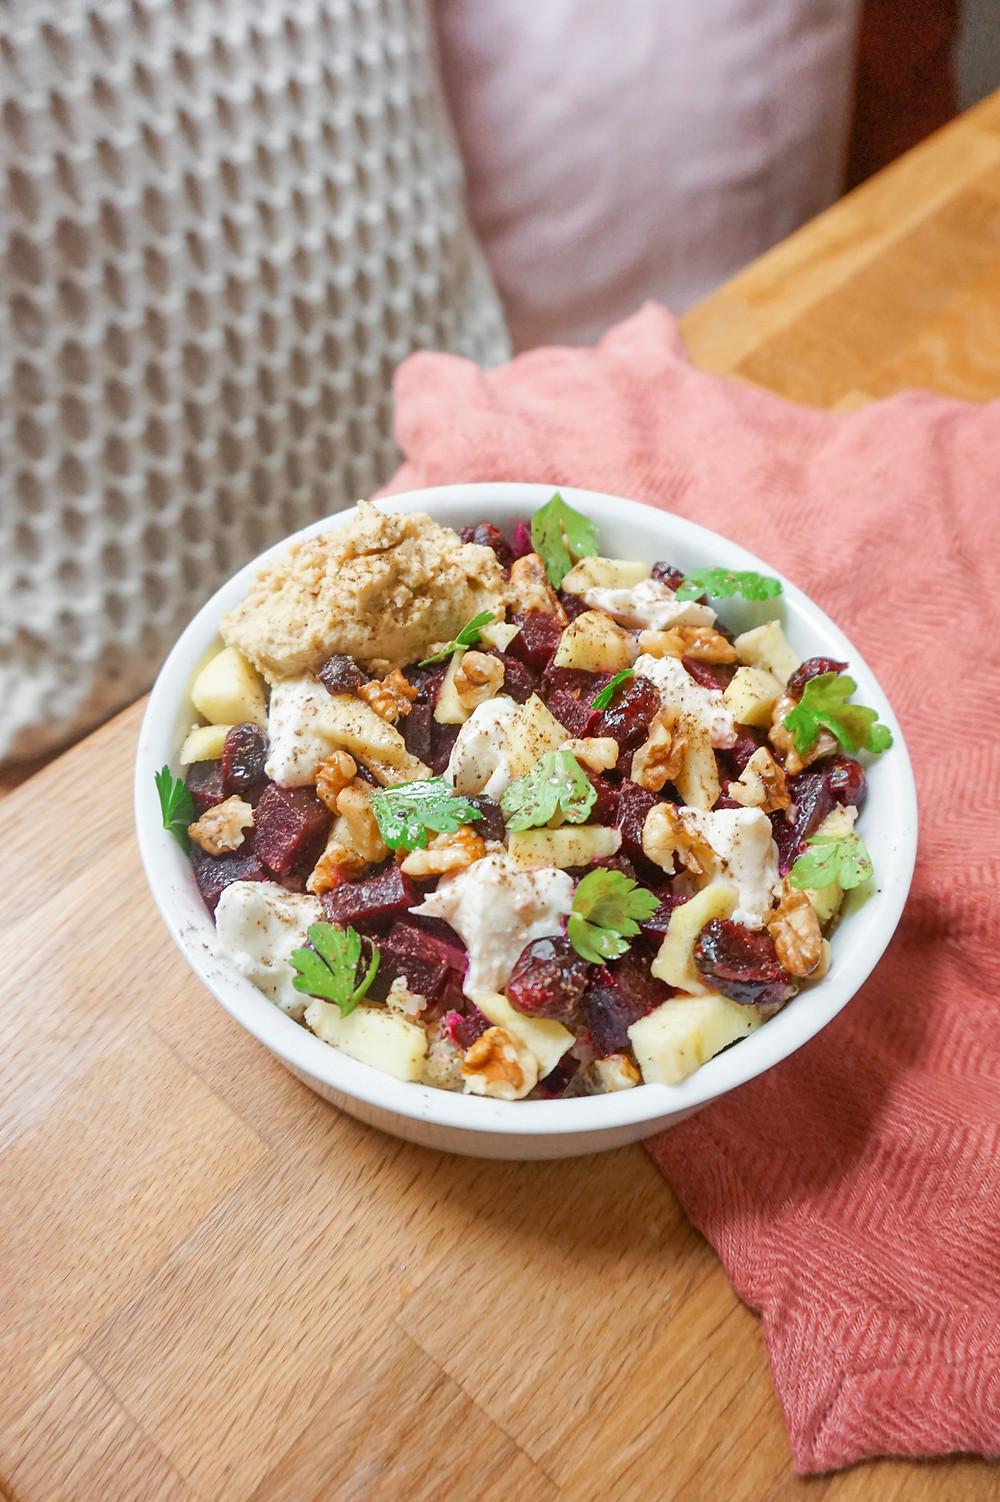 salade de betterave, pomme, mozza, noix & houmous